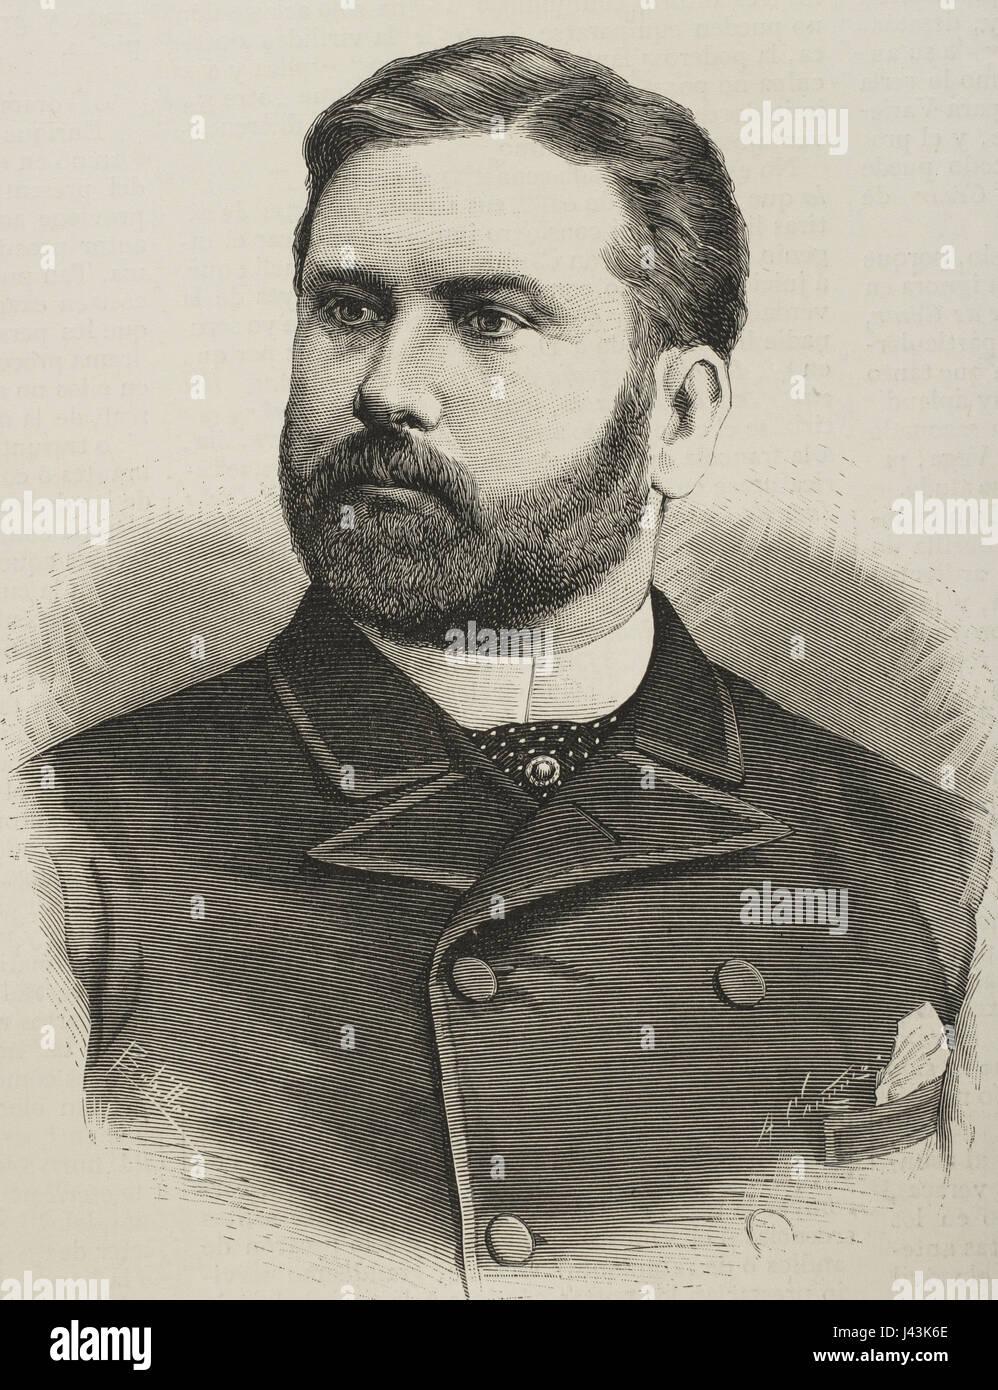 Raimundo Fernandez-Villaverde y Garcia del Rivero, jure uxoris Marquis of Pozo Rubio, (1848-1905). Spanish statesman. - Stock Image